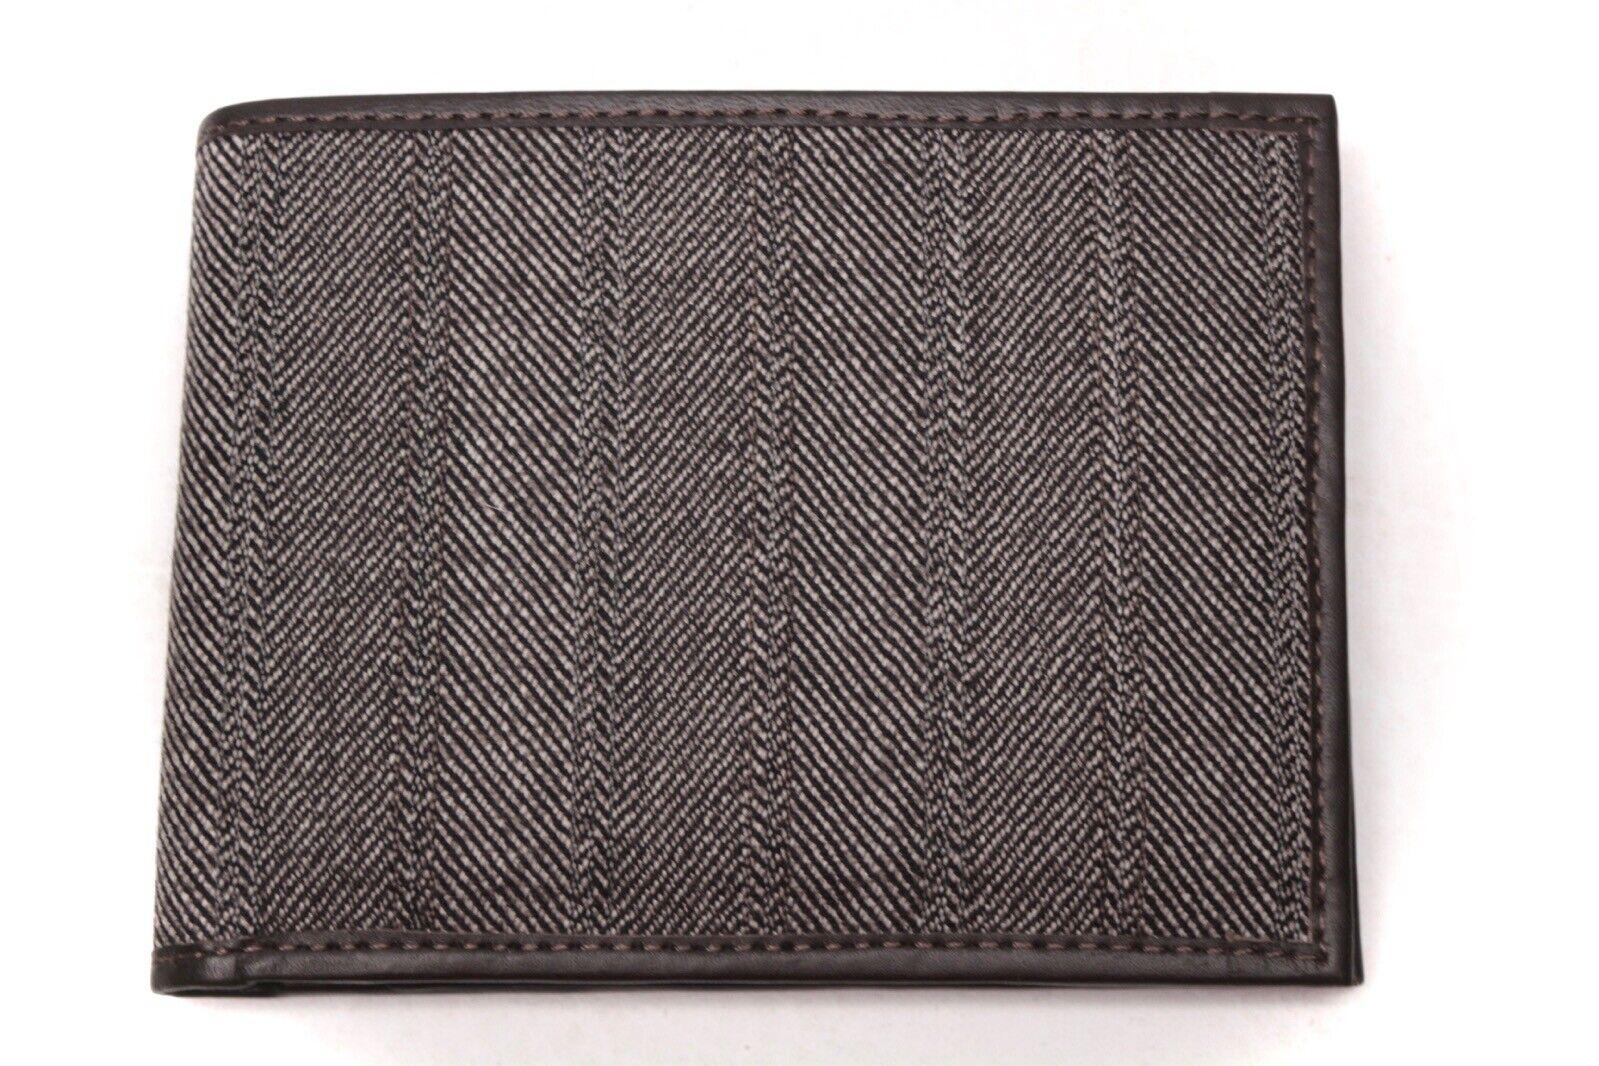 Herren Handgefertigt Geldbörse Portemonnaie Italian Leder Tweed Grau Fischgräten